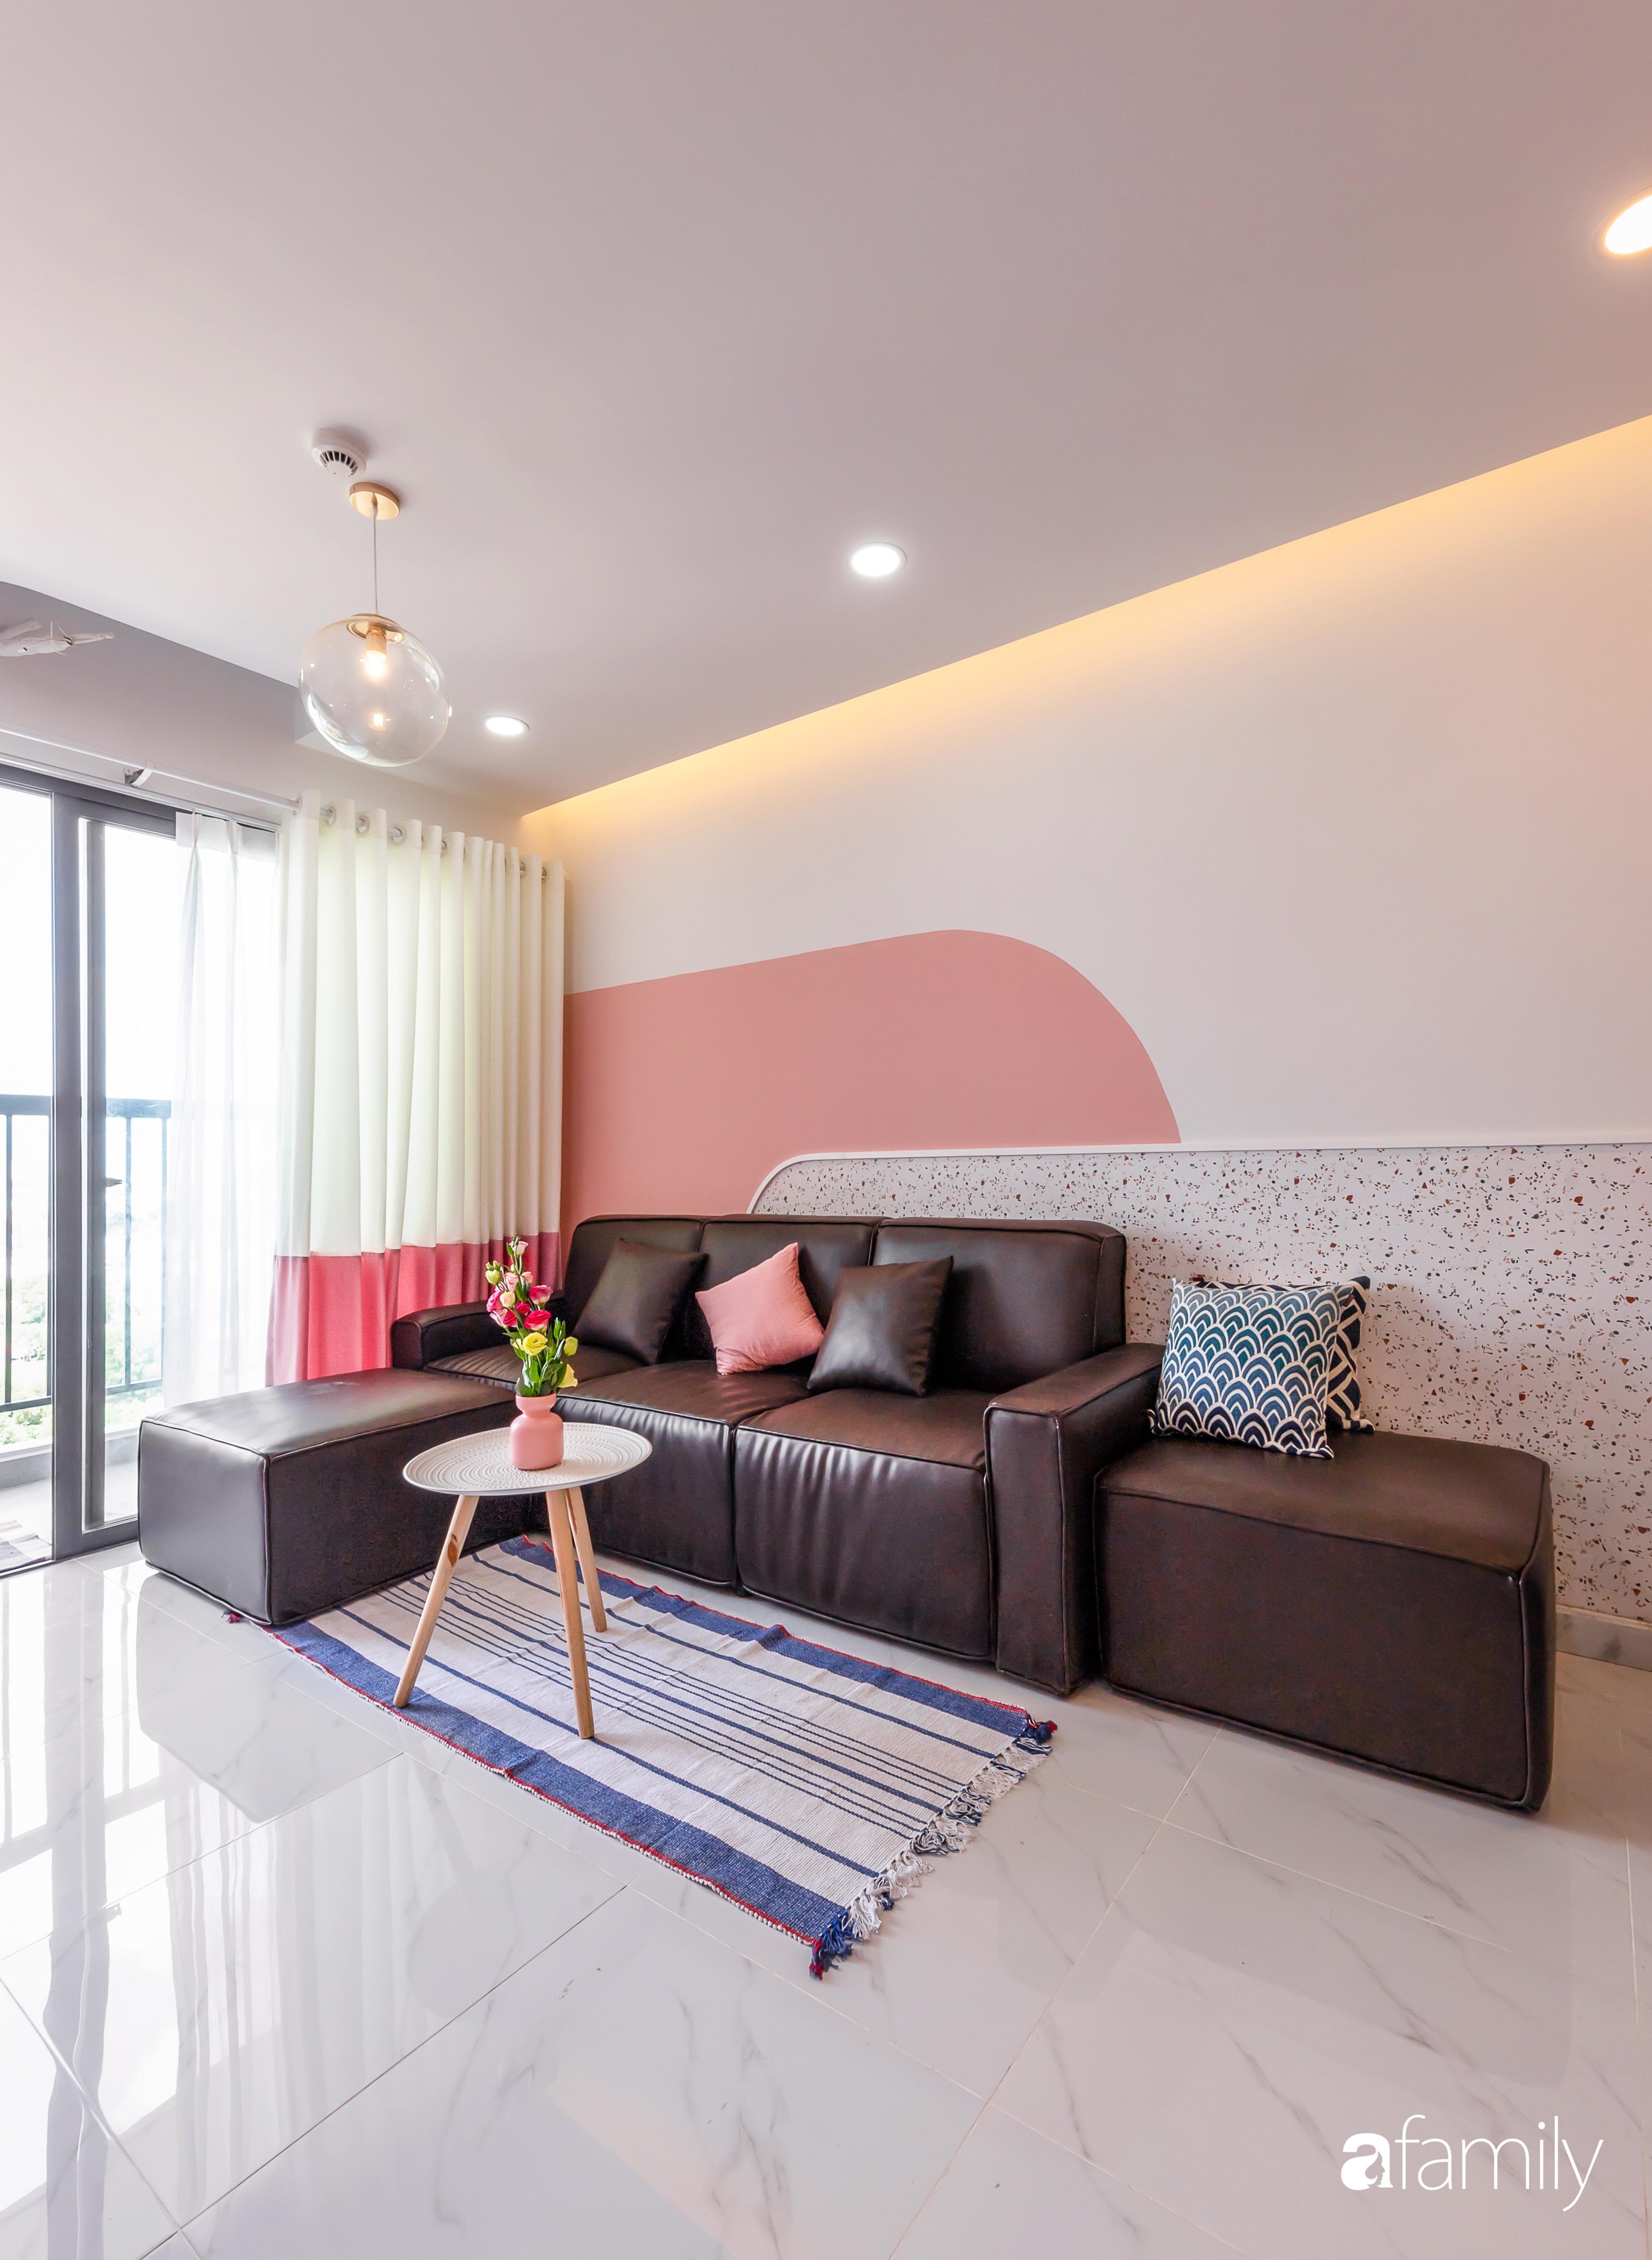 Căn hộ 100m² ngọt ngào khi chọn sắc hồng làm màu chủ đạo có chi phí hoàn thiện 450 triệu đồng ở TP HCM - Ảnh 5.